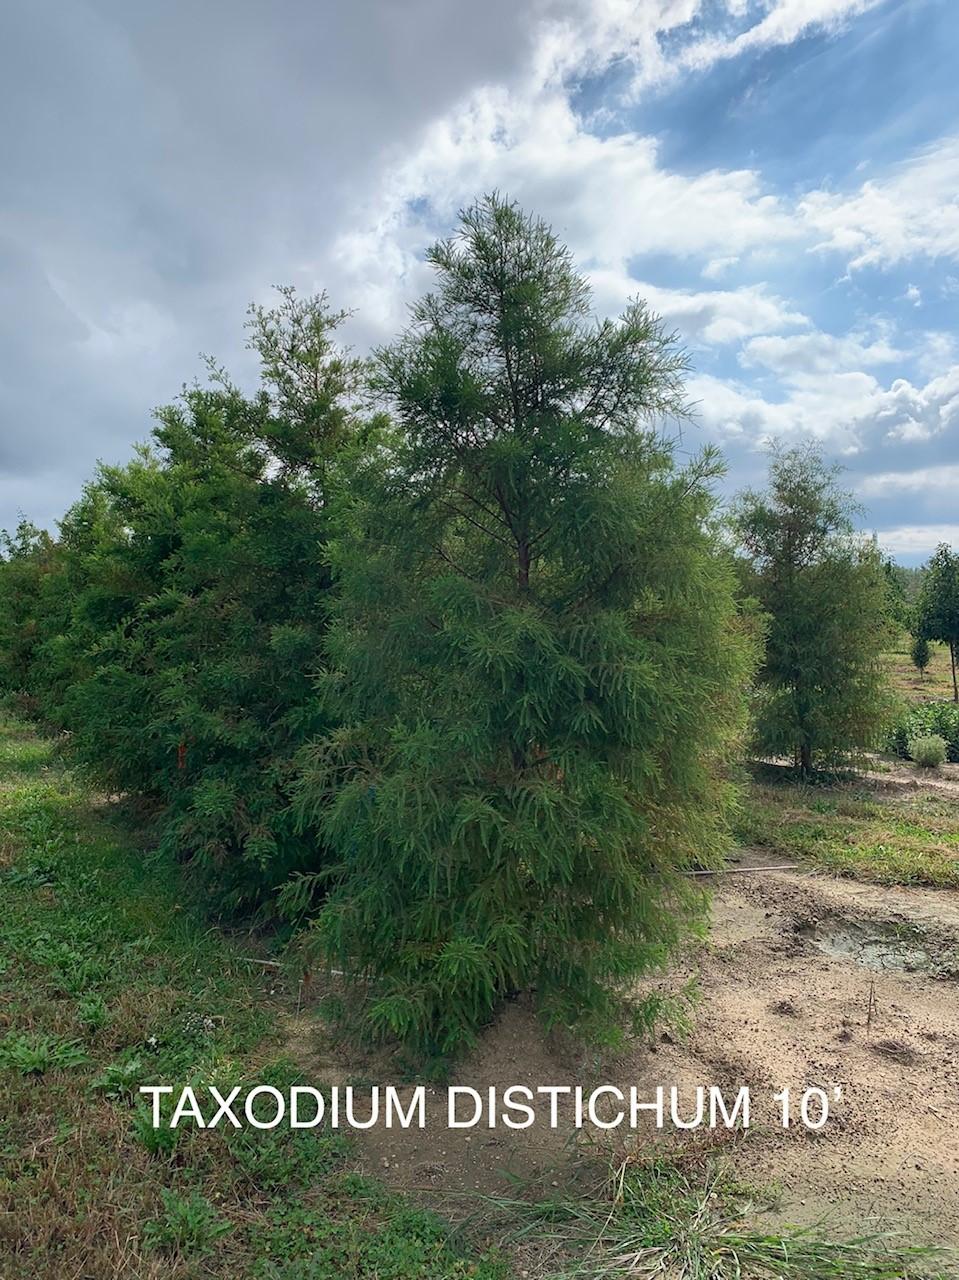 taxodium distichum.jpg